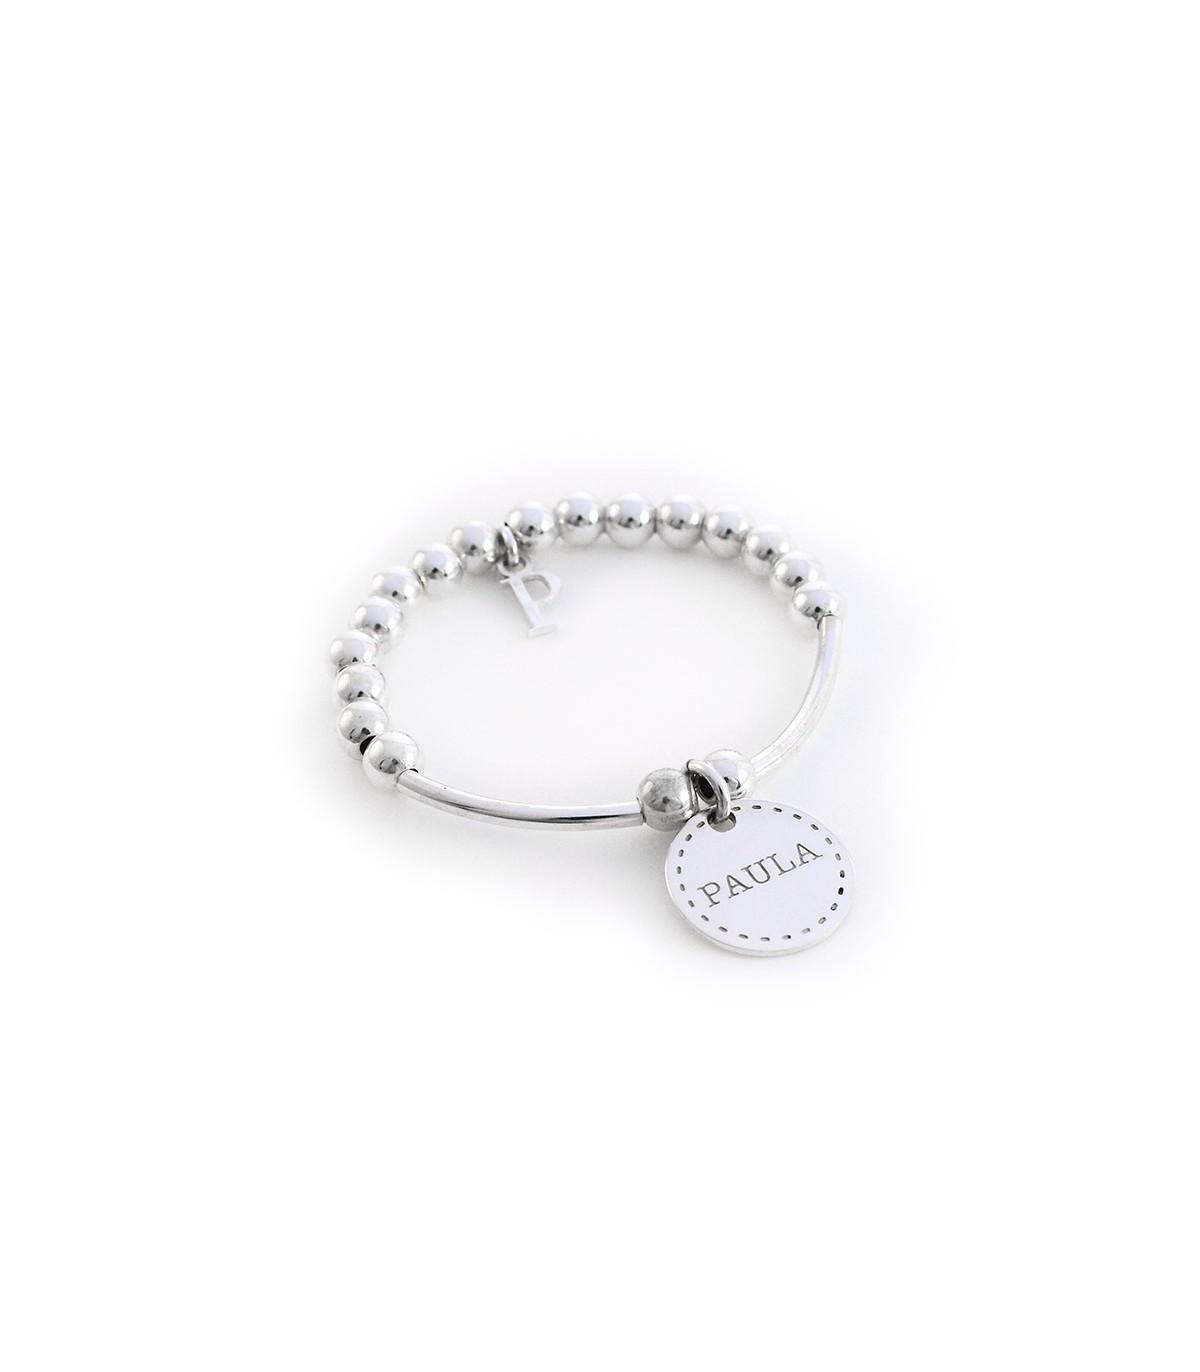 1a8af616faa1 Pulseras de plata personalizadas con nombres para niñas – Bambina ...